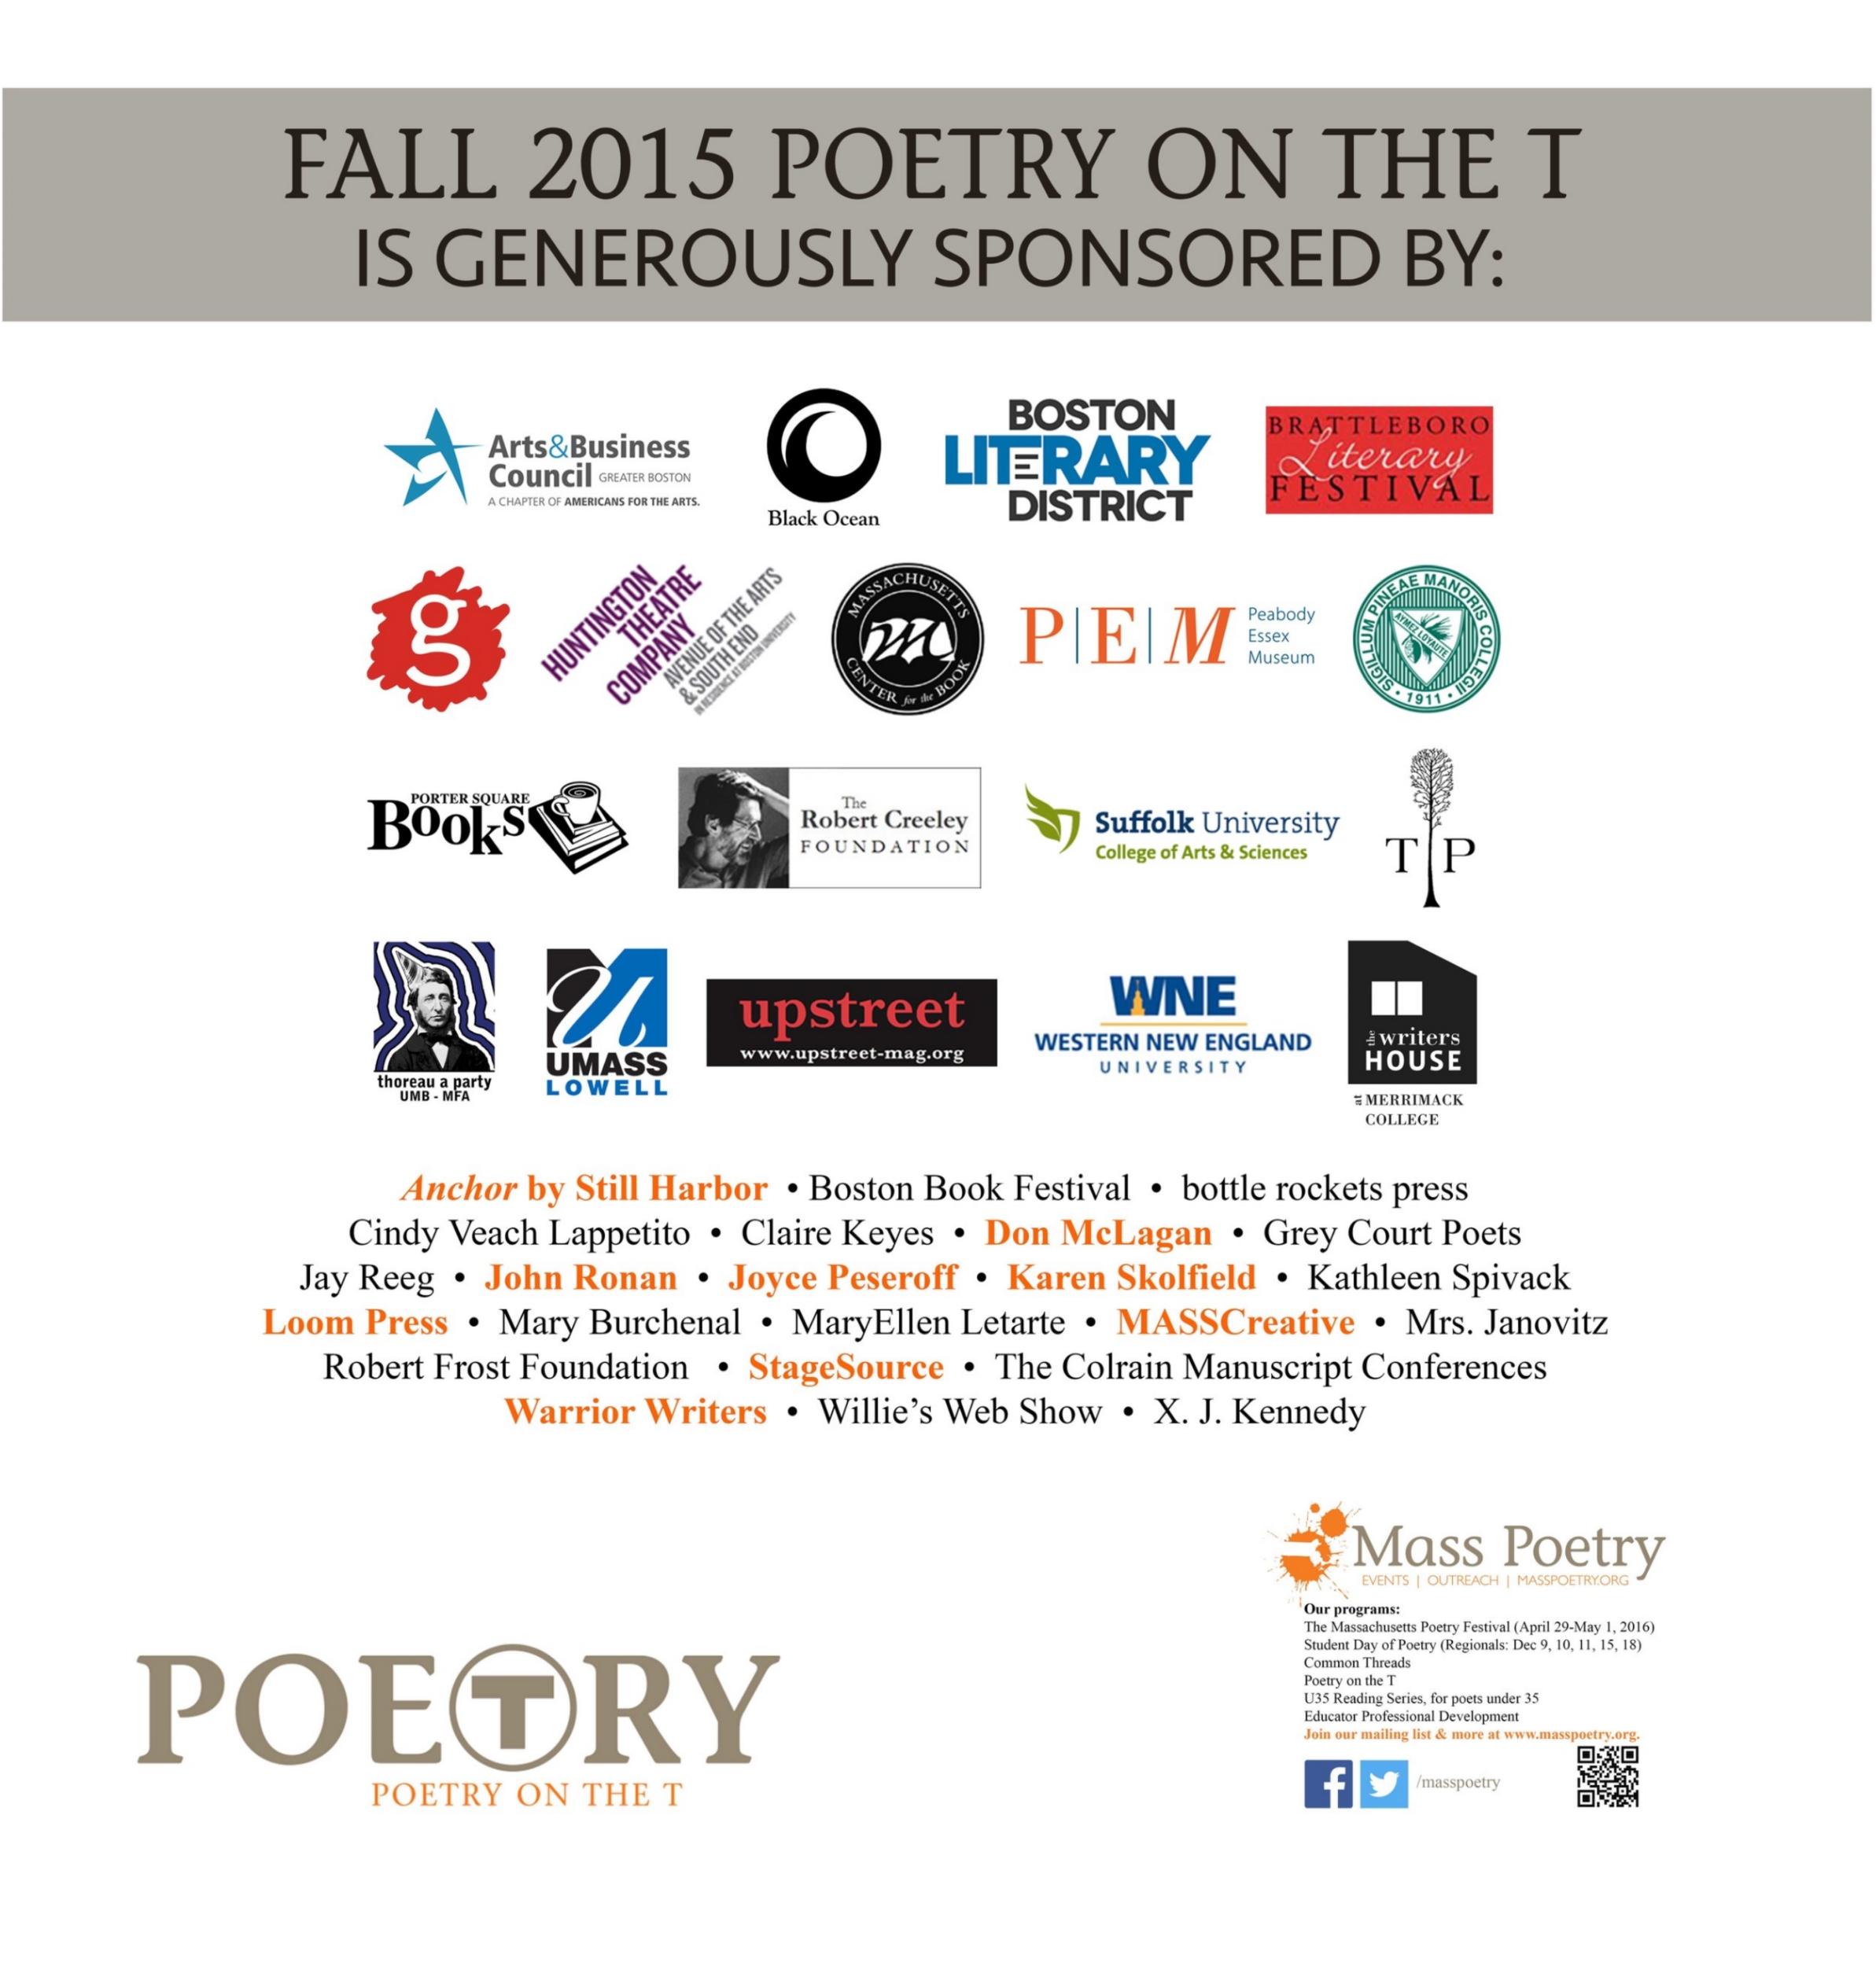 Medium_Poetry on the T_Sponsorship Poster.jpg